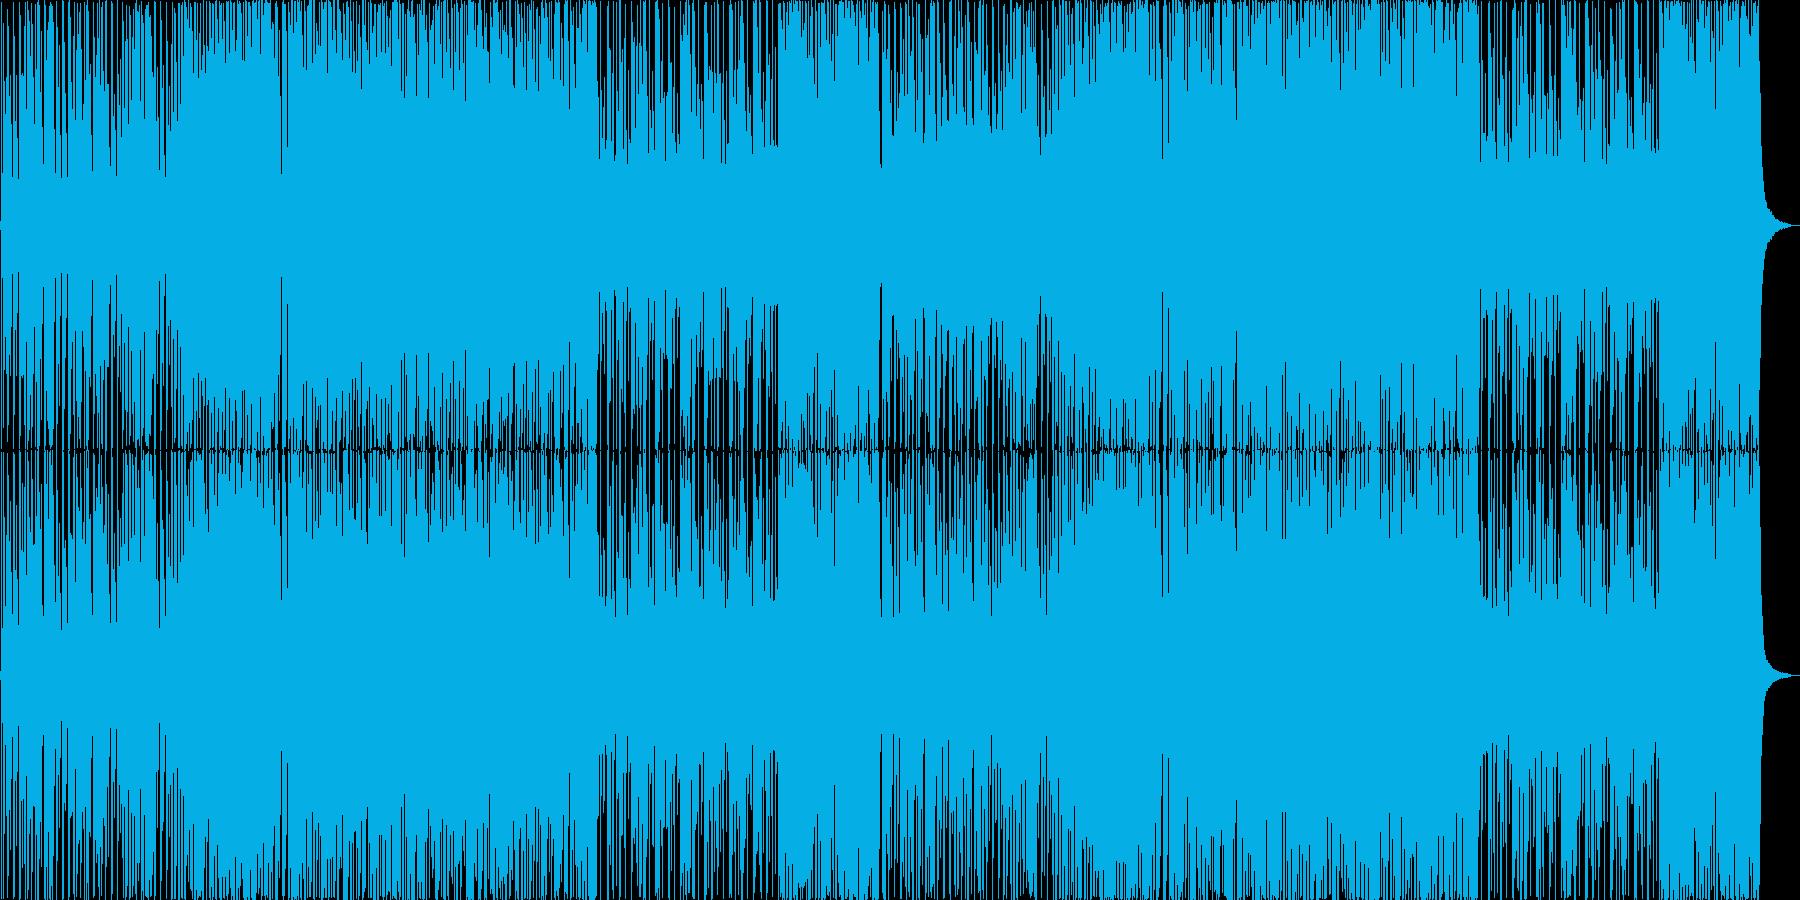 カジノ風のビッグバンドBGMの再生済みの波形